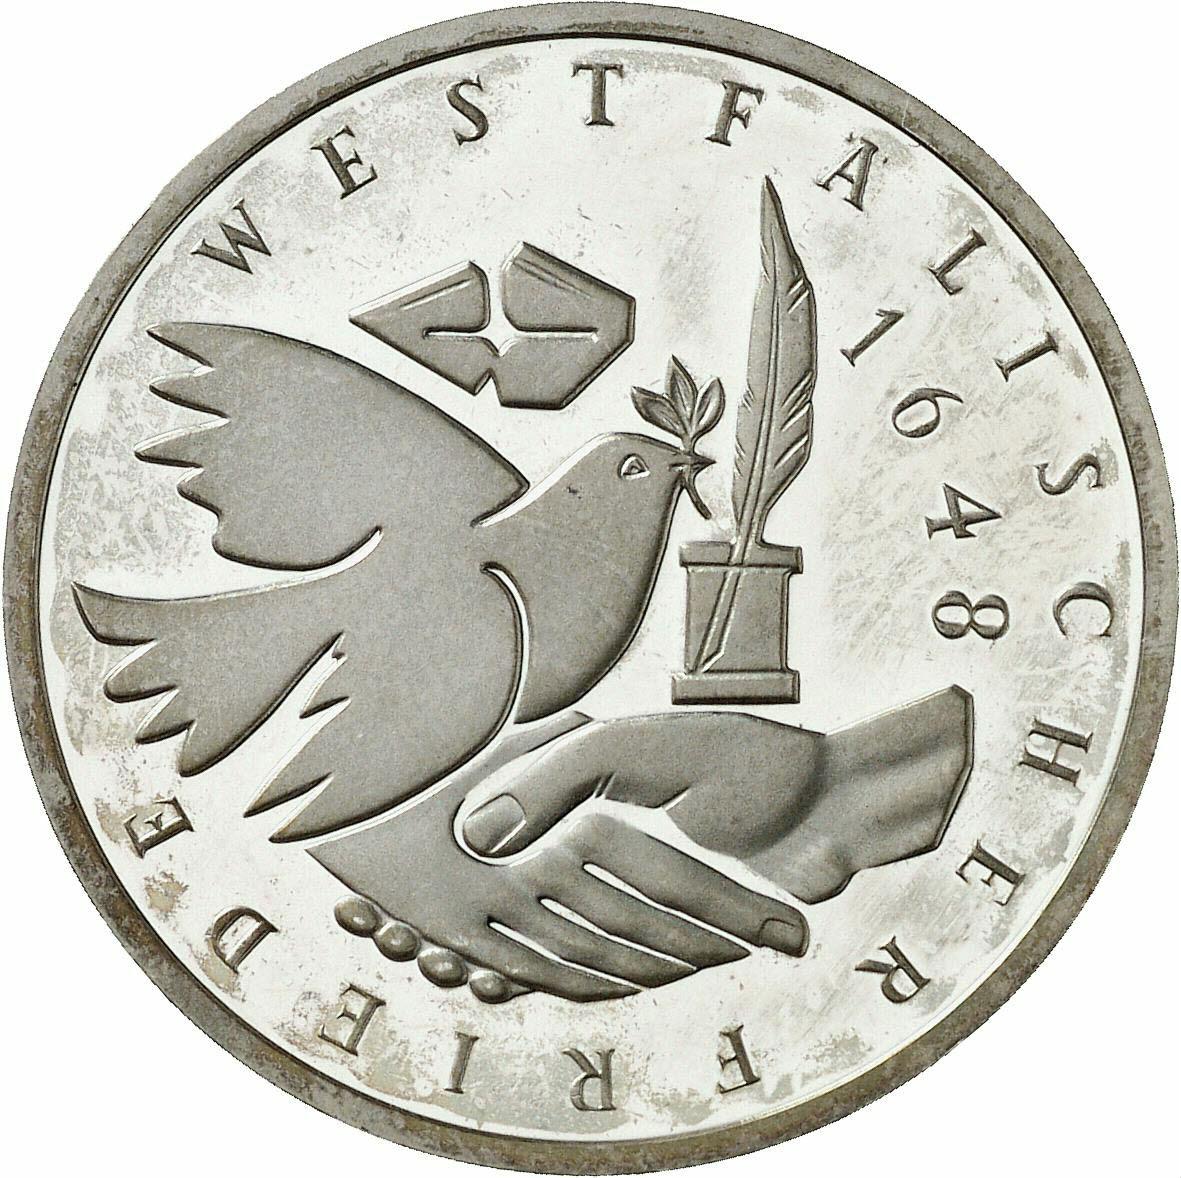 DE 10 Deutsche Mark 1998 J